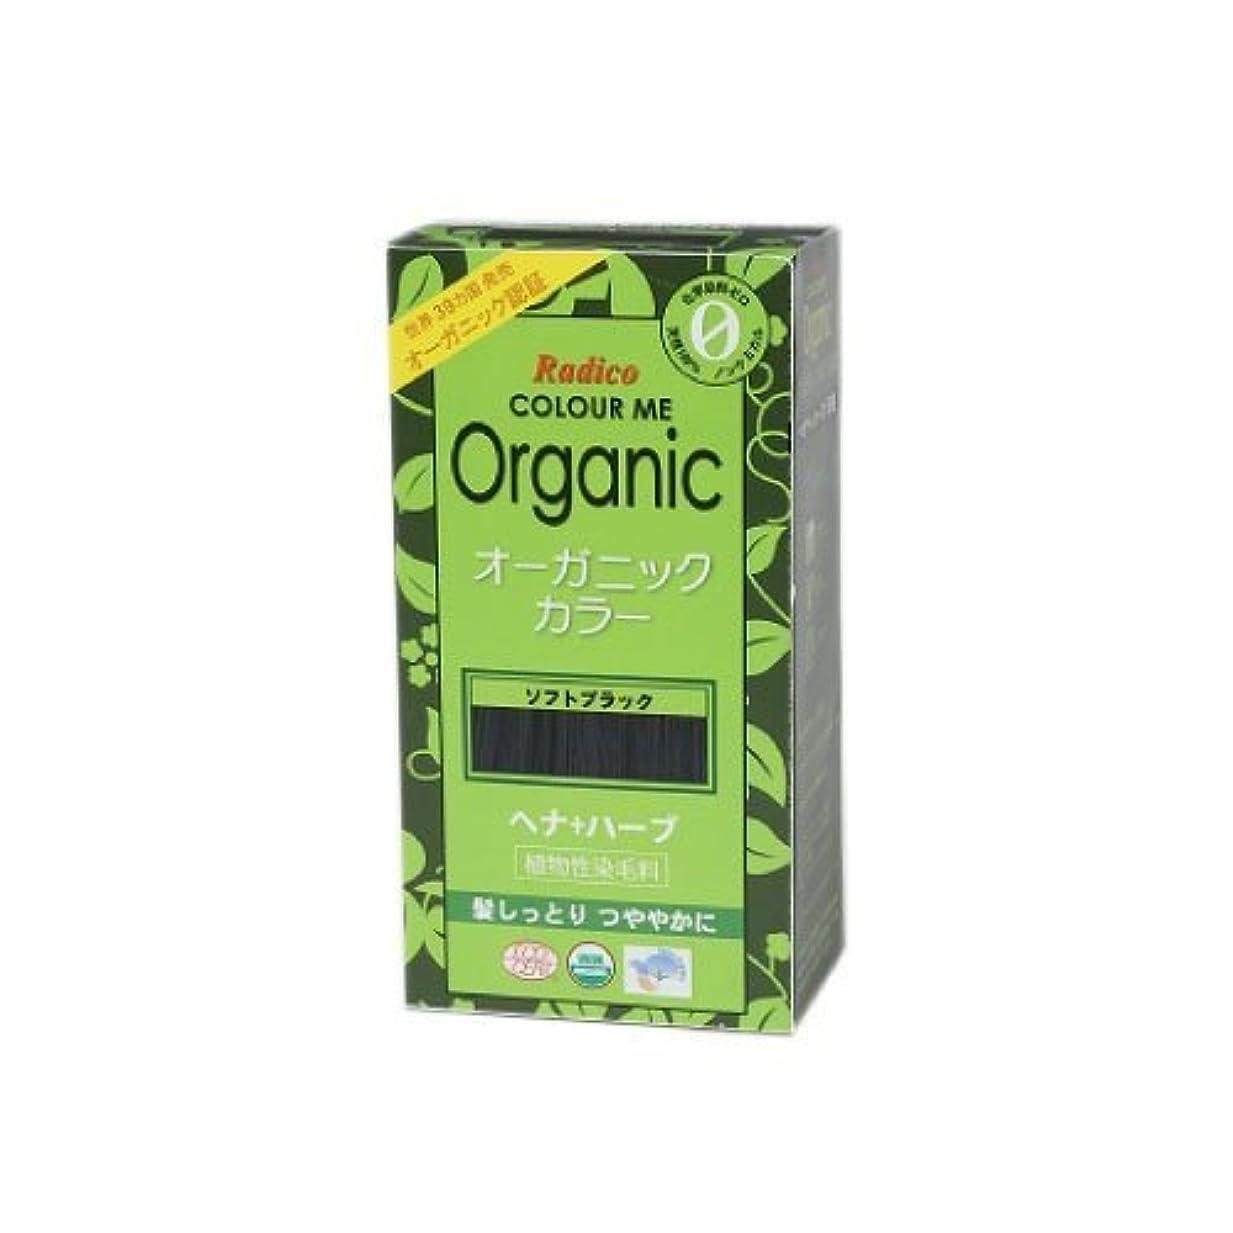 マーケティング完璧な慢COLOURME Organic (カラーミーオーガニック ヘナ 白髪用 髪色戻し) ソフトブラック 100g